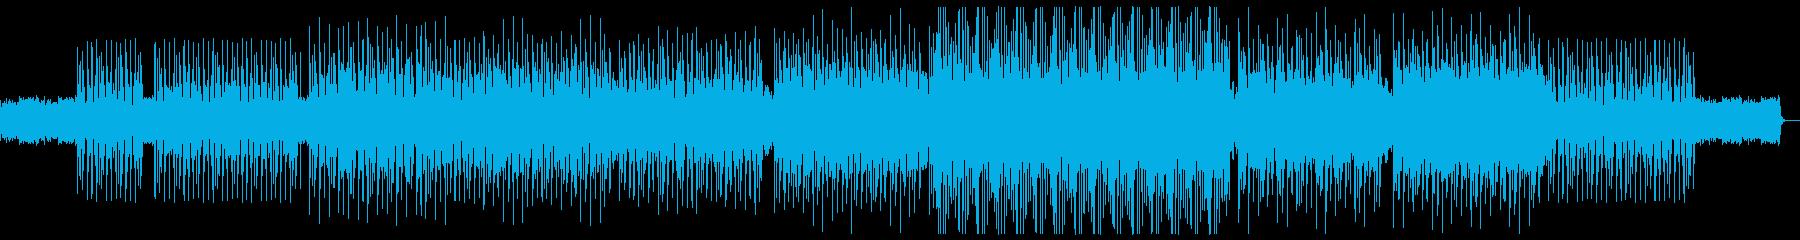 オシャレでクールなディープハウスの再生済みの波形